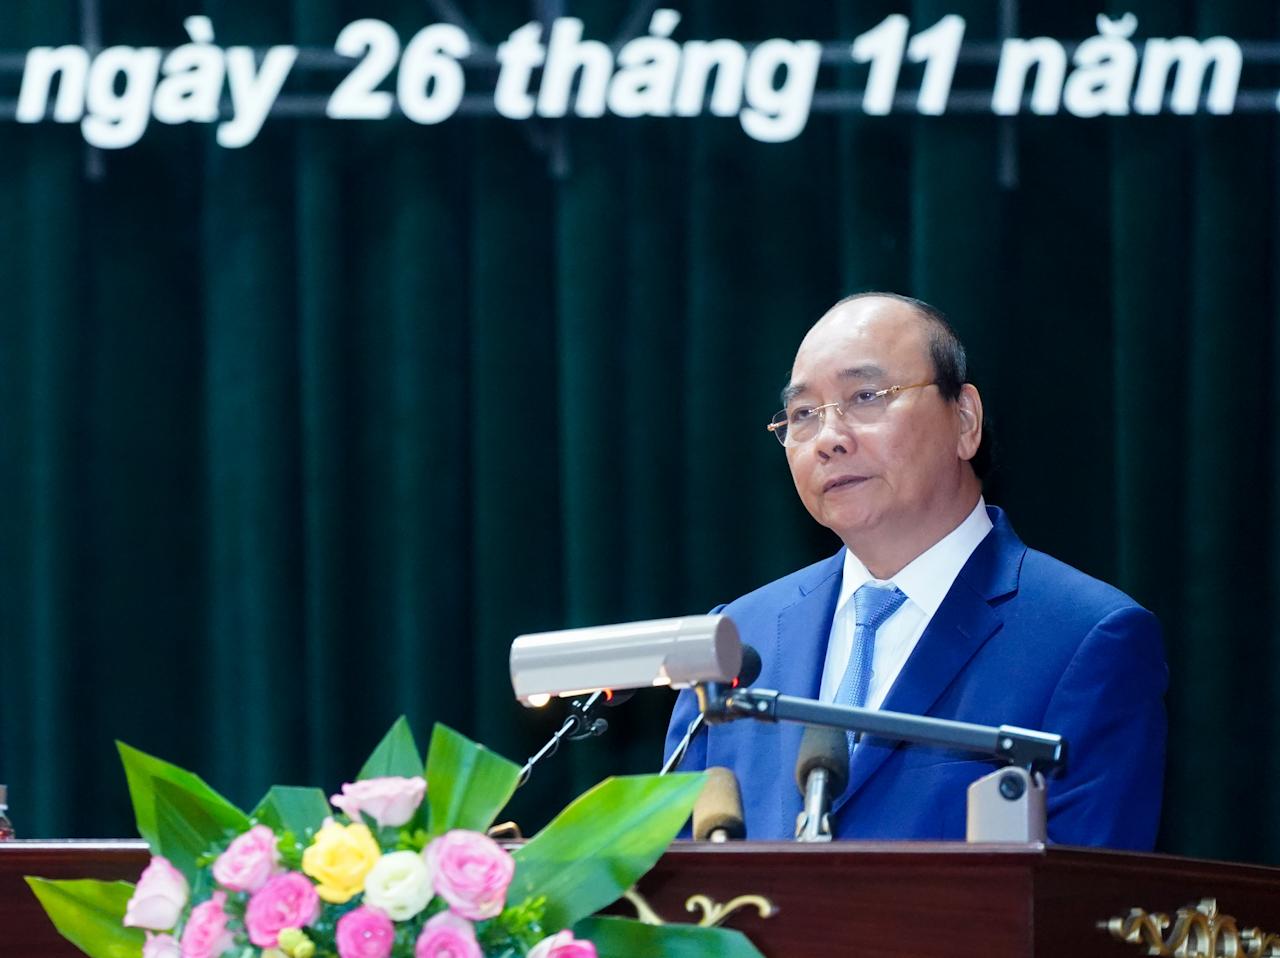 Thủ tướng Nguyễn Xuân Phúc đánh giá, thời gian qua, Học viện Quốc phòng đã hoàn thành xuất sắc nhiệm vụ được Quân ủy, Bộ Quốc phòng giao. Ảnh: VGP/Quang Hiếu